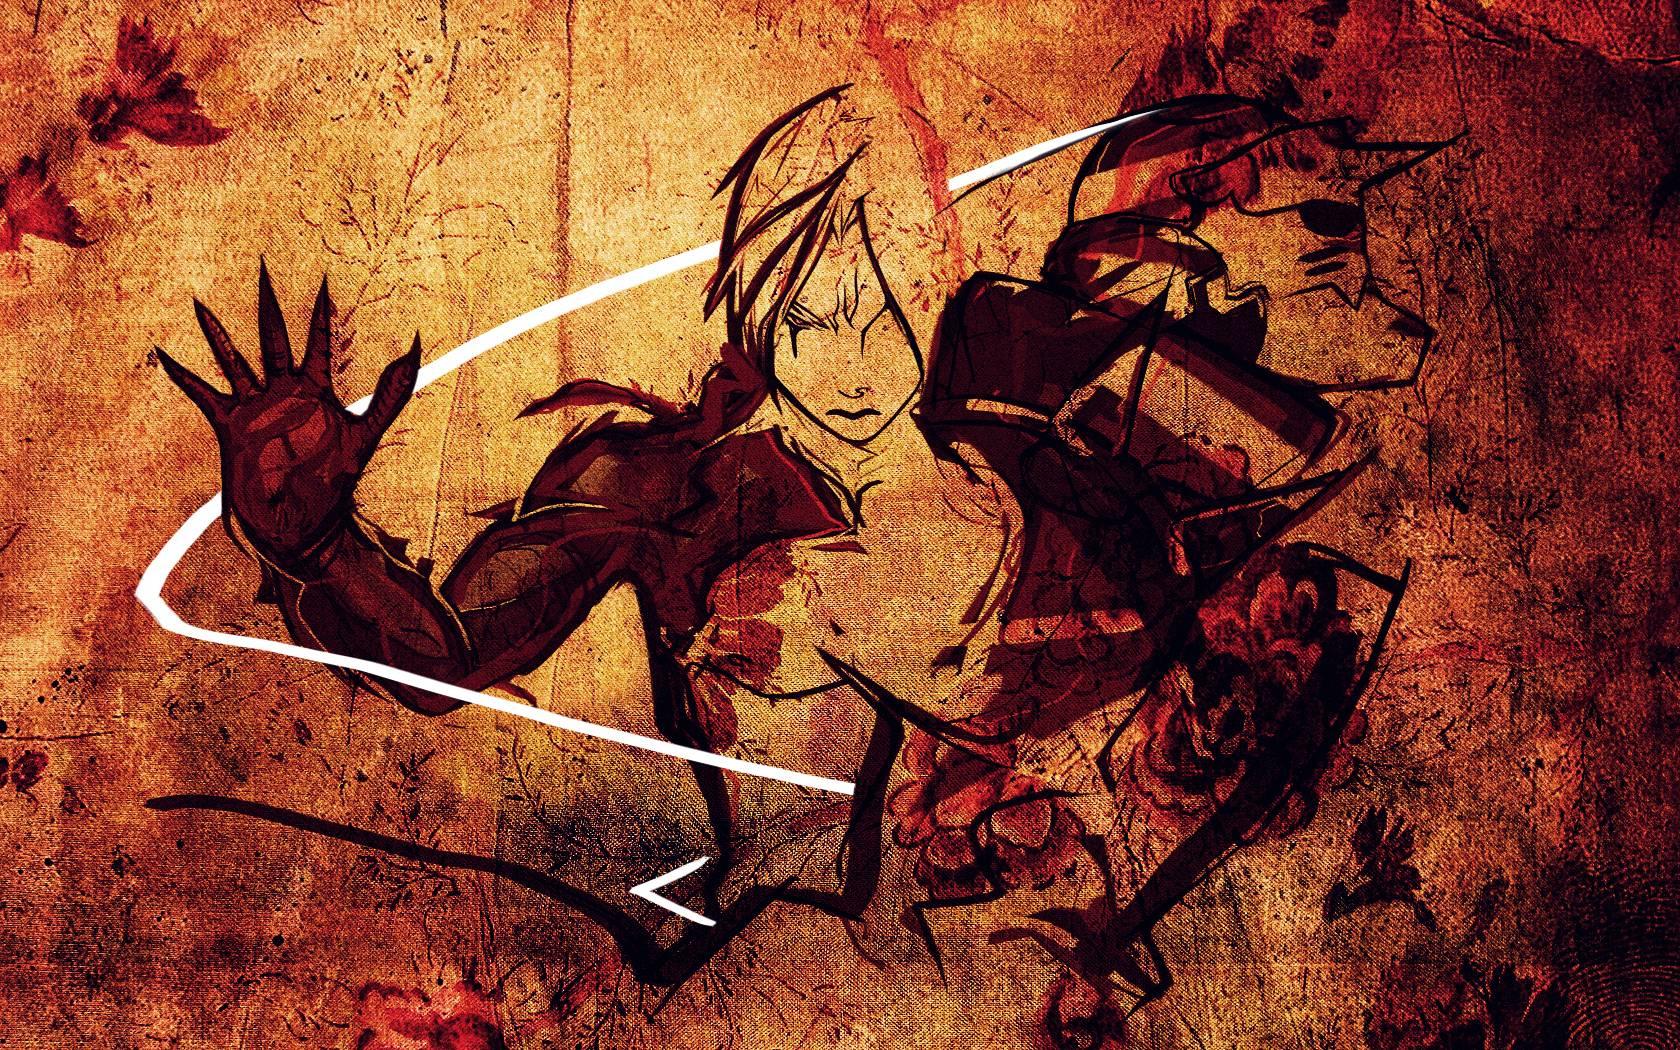 Fullmetal alchemist brotherhood wallpaper hd wallpapersafari - Anime wallpaper 1360x768 hd ...